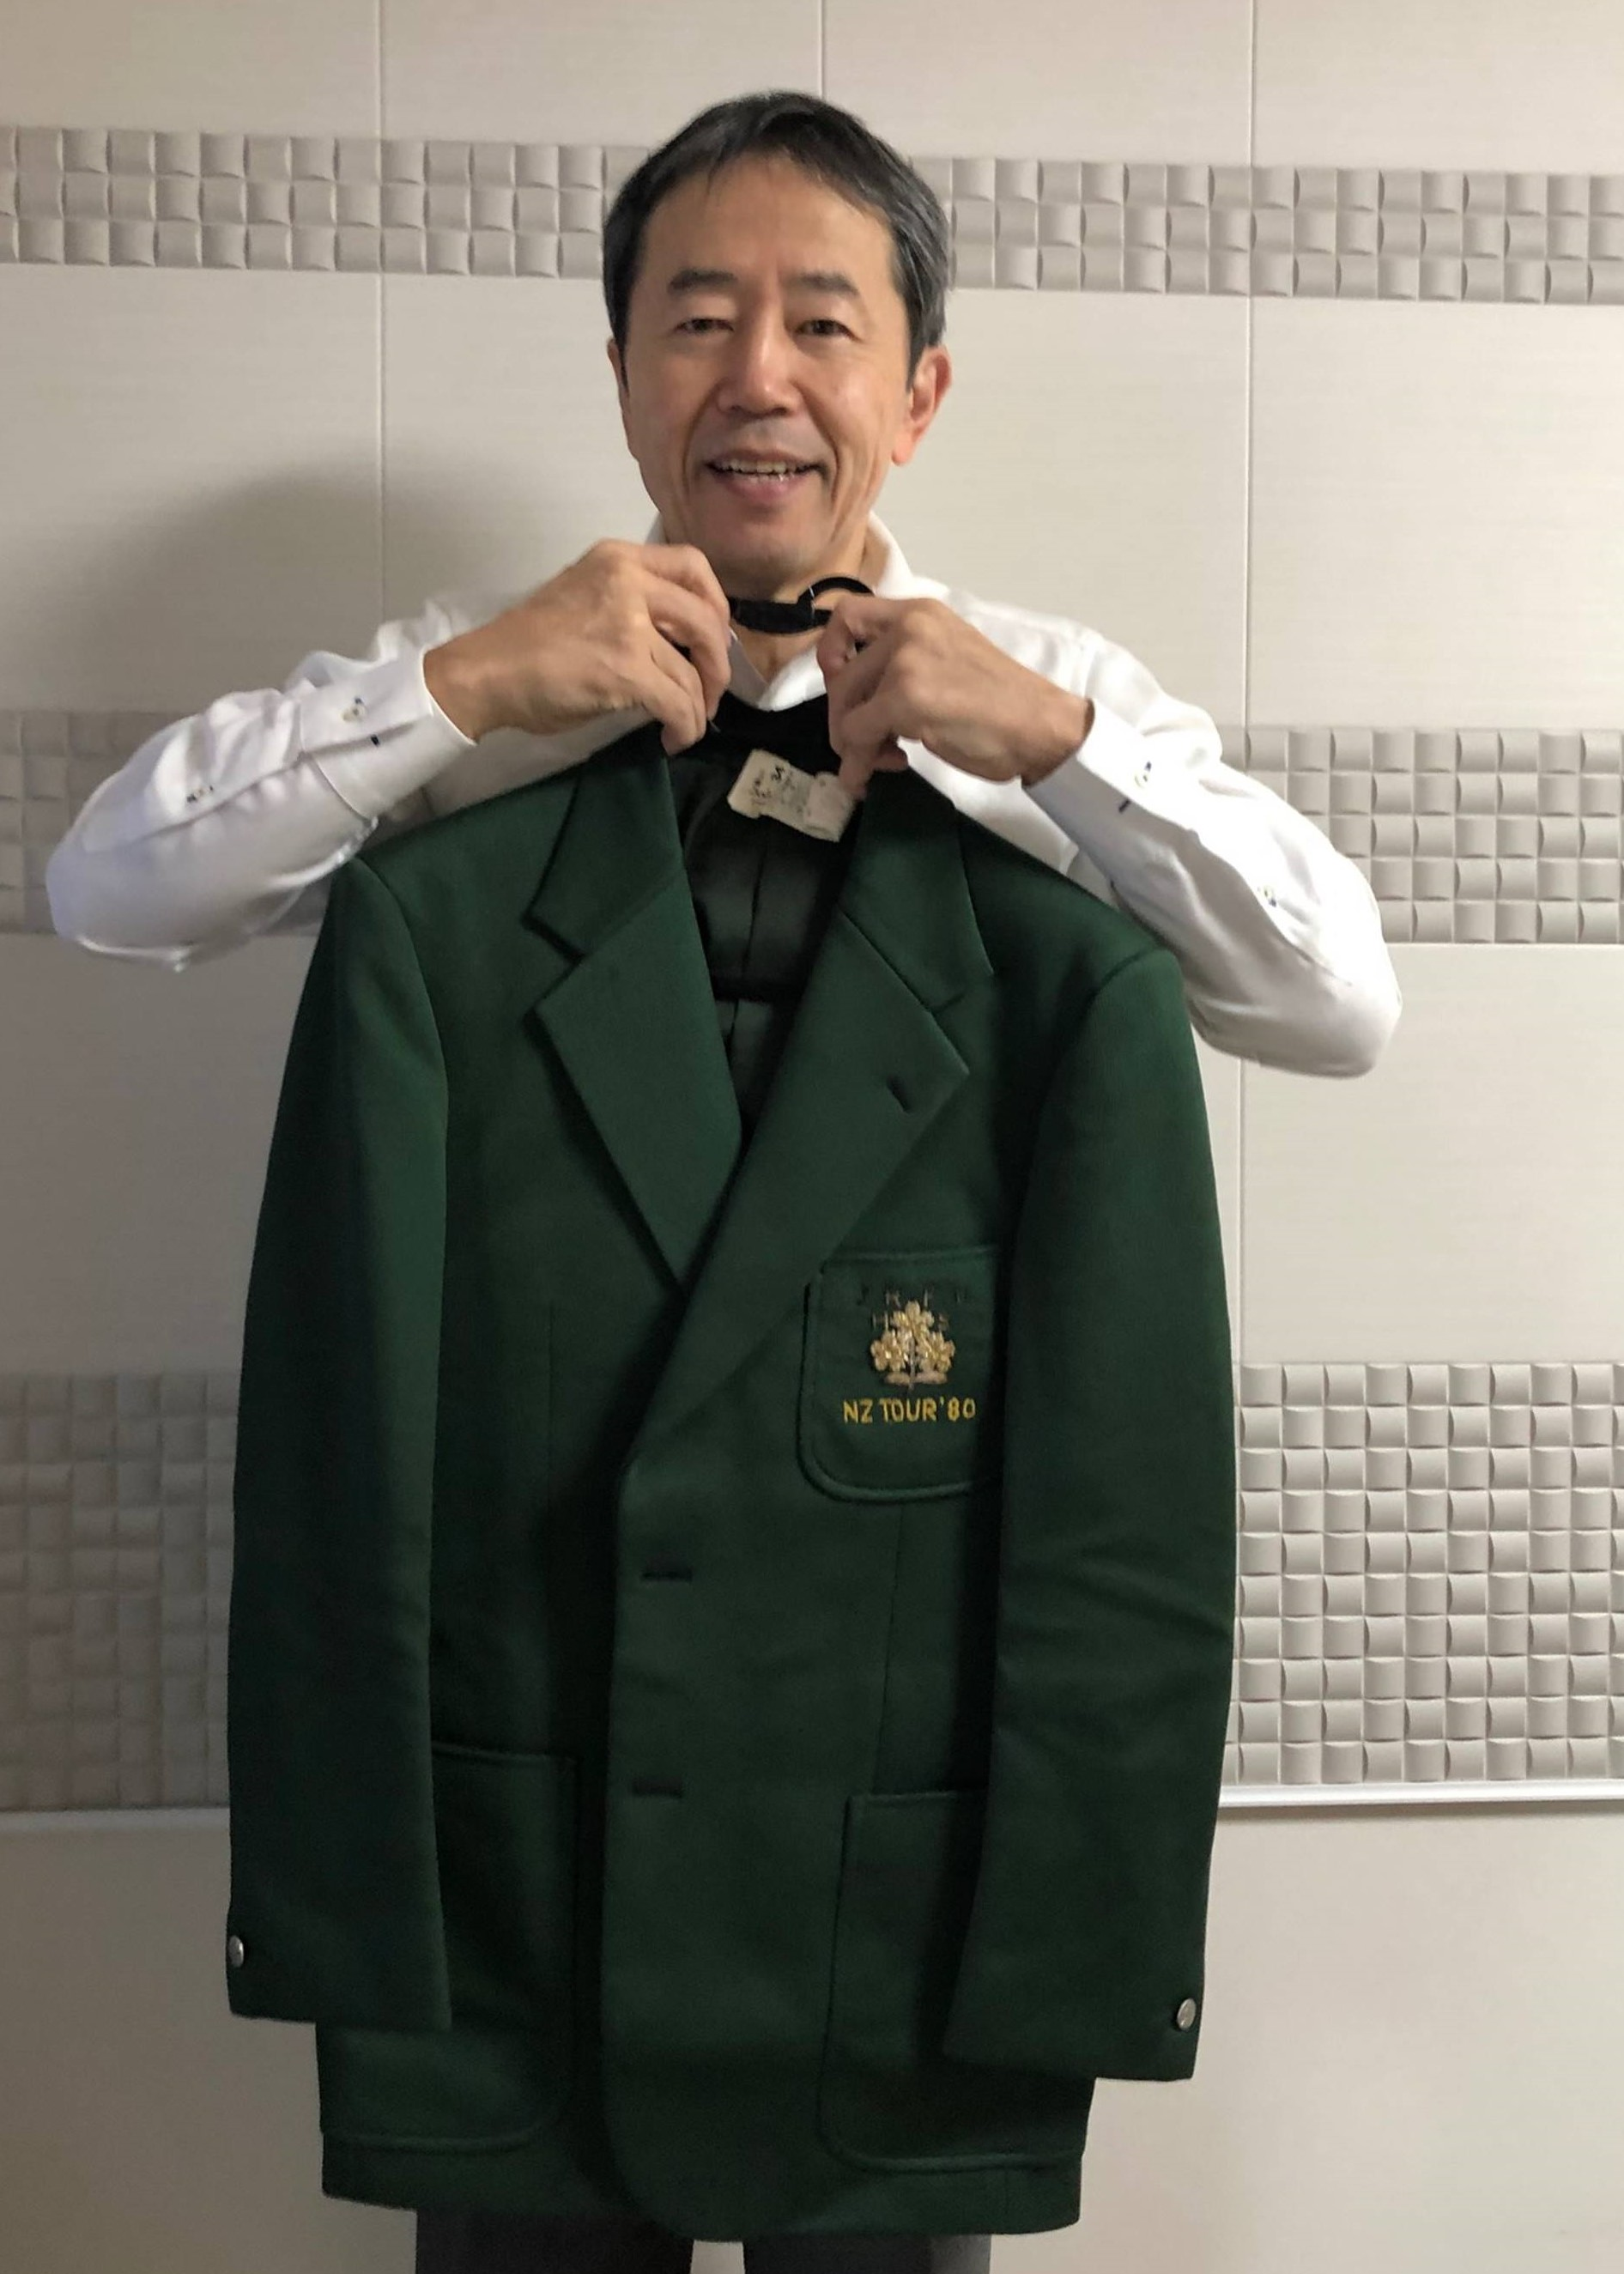 【公式】実使用「高校JAPAN 伝説の6戦全勝の記念品」 松永 敏宏